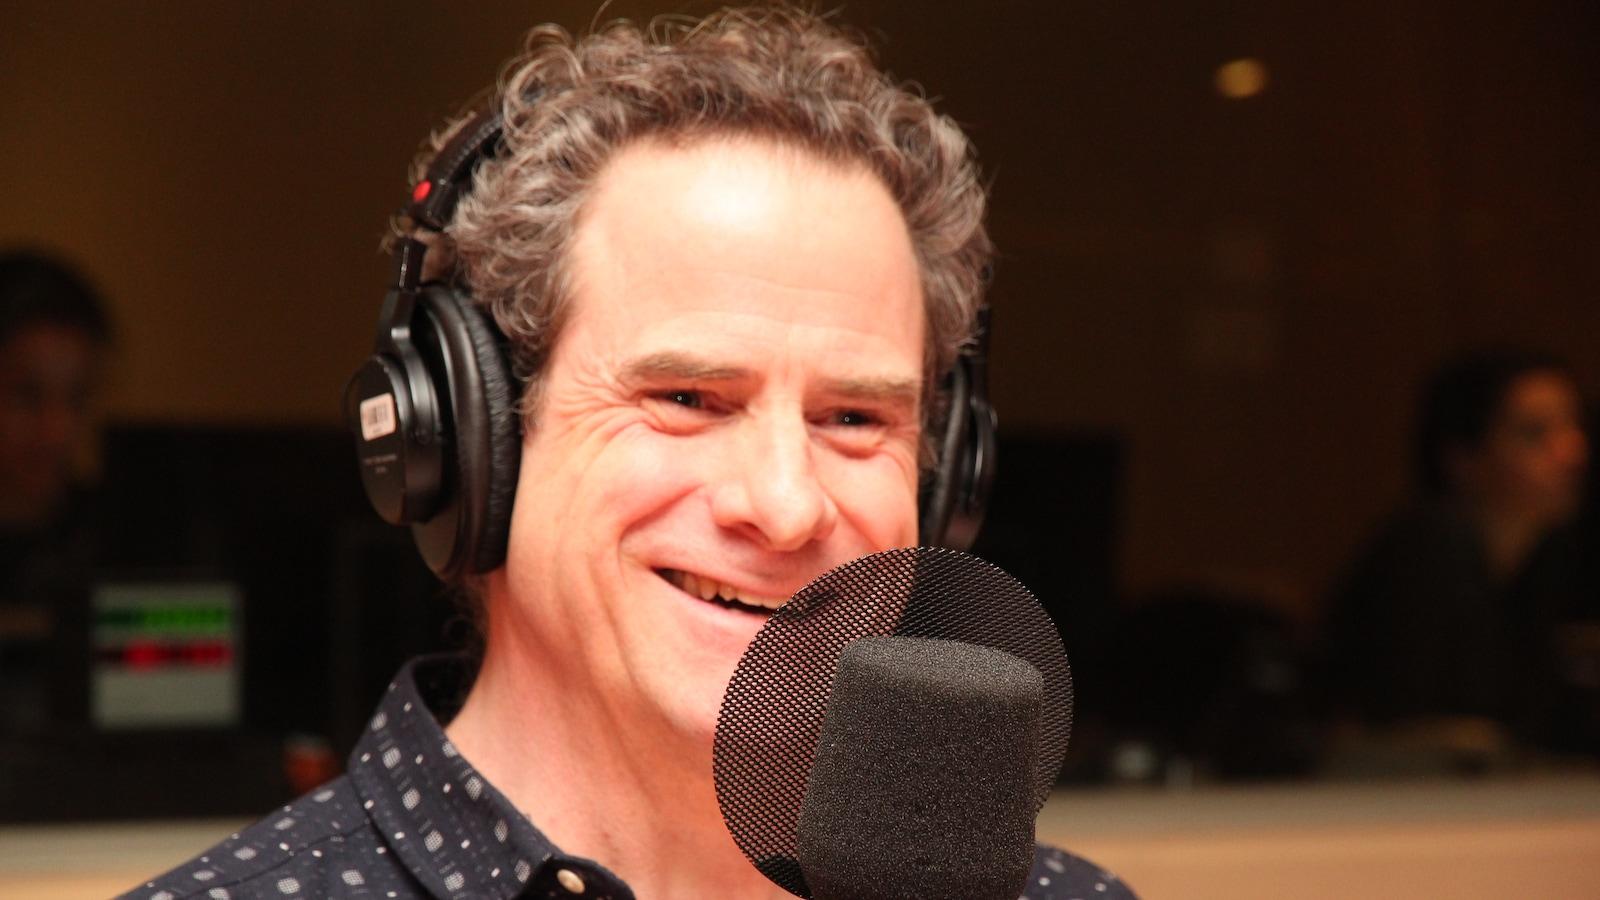 L'homme sourit. Il est assis dans un studio de radio devant un micro et il porte des écouteurs.